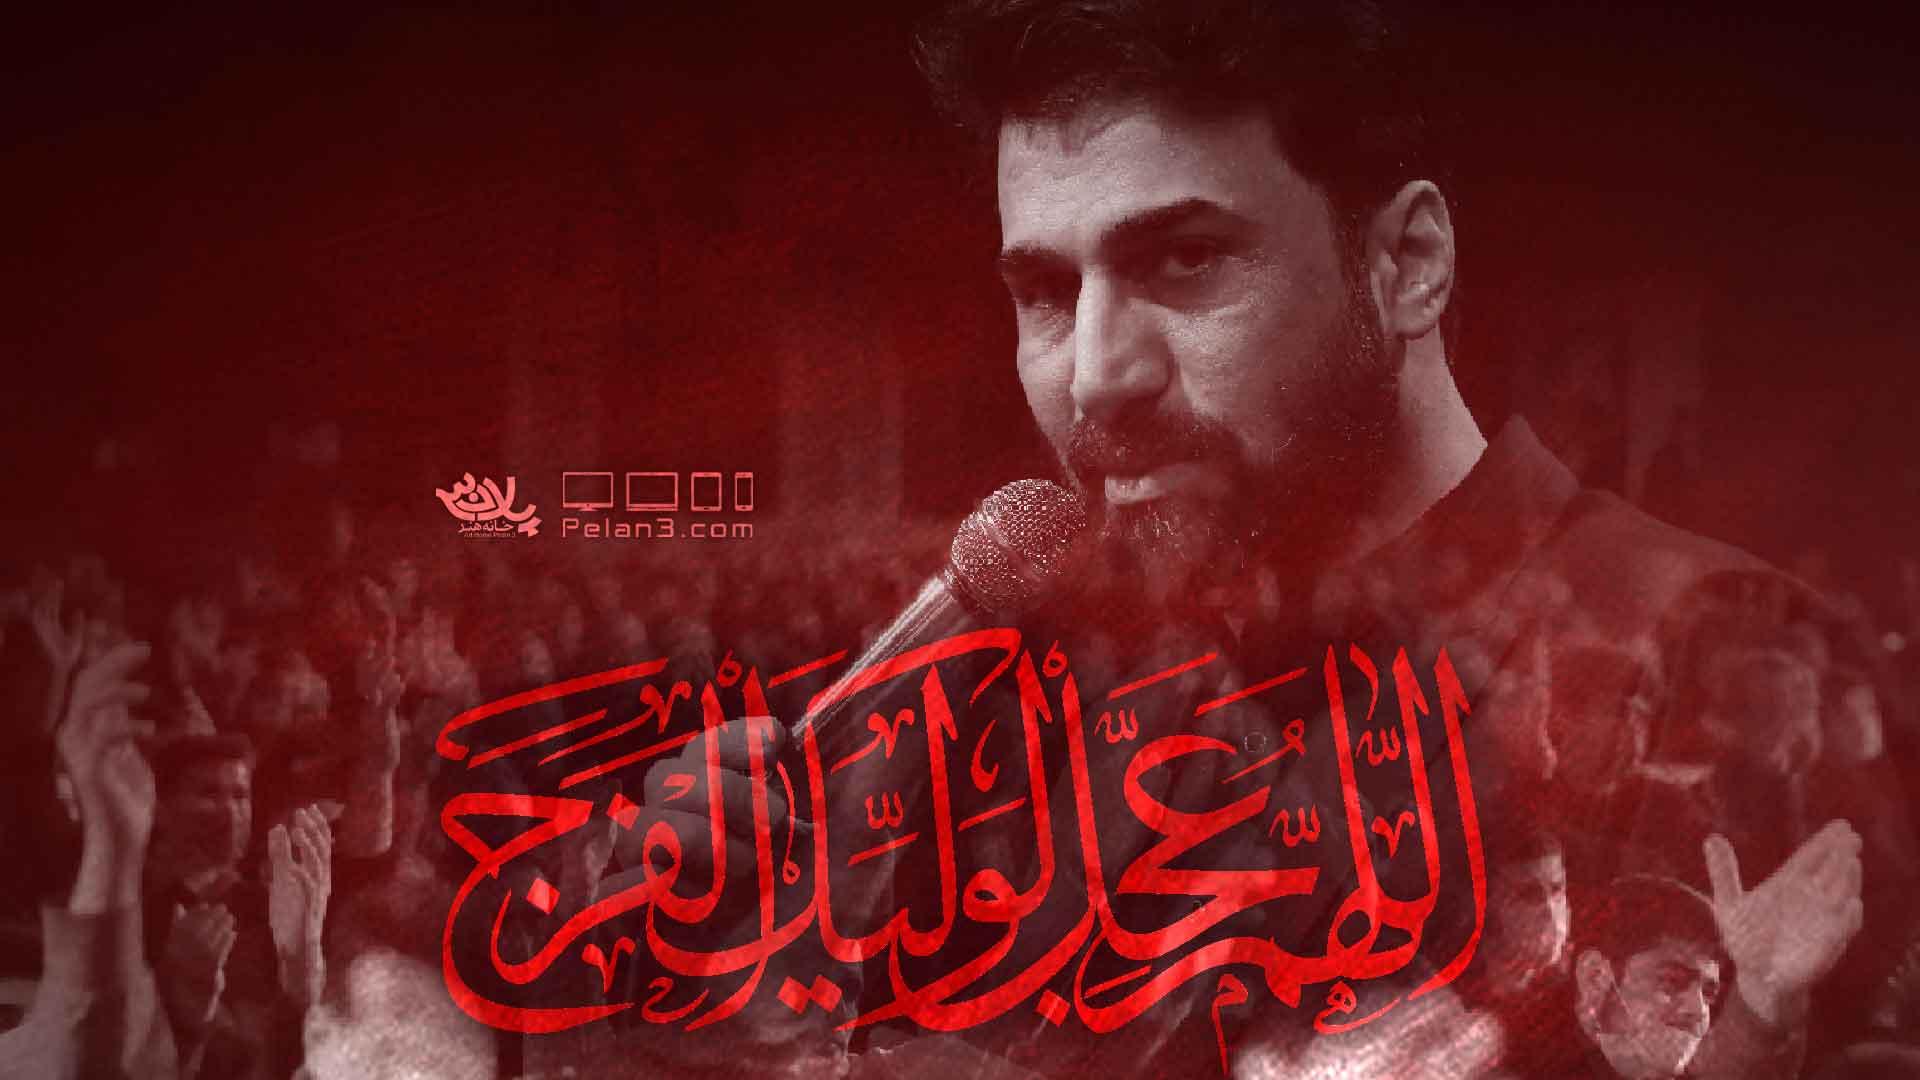 اللهم عجل لولیک الفرج صابر خراسانی